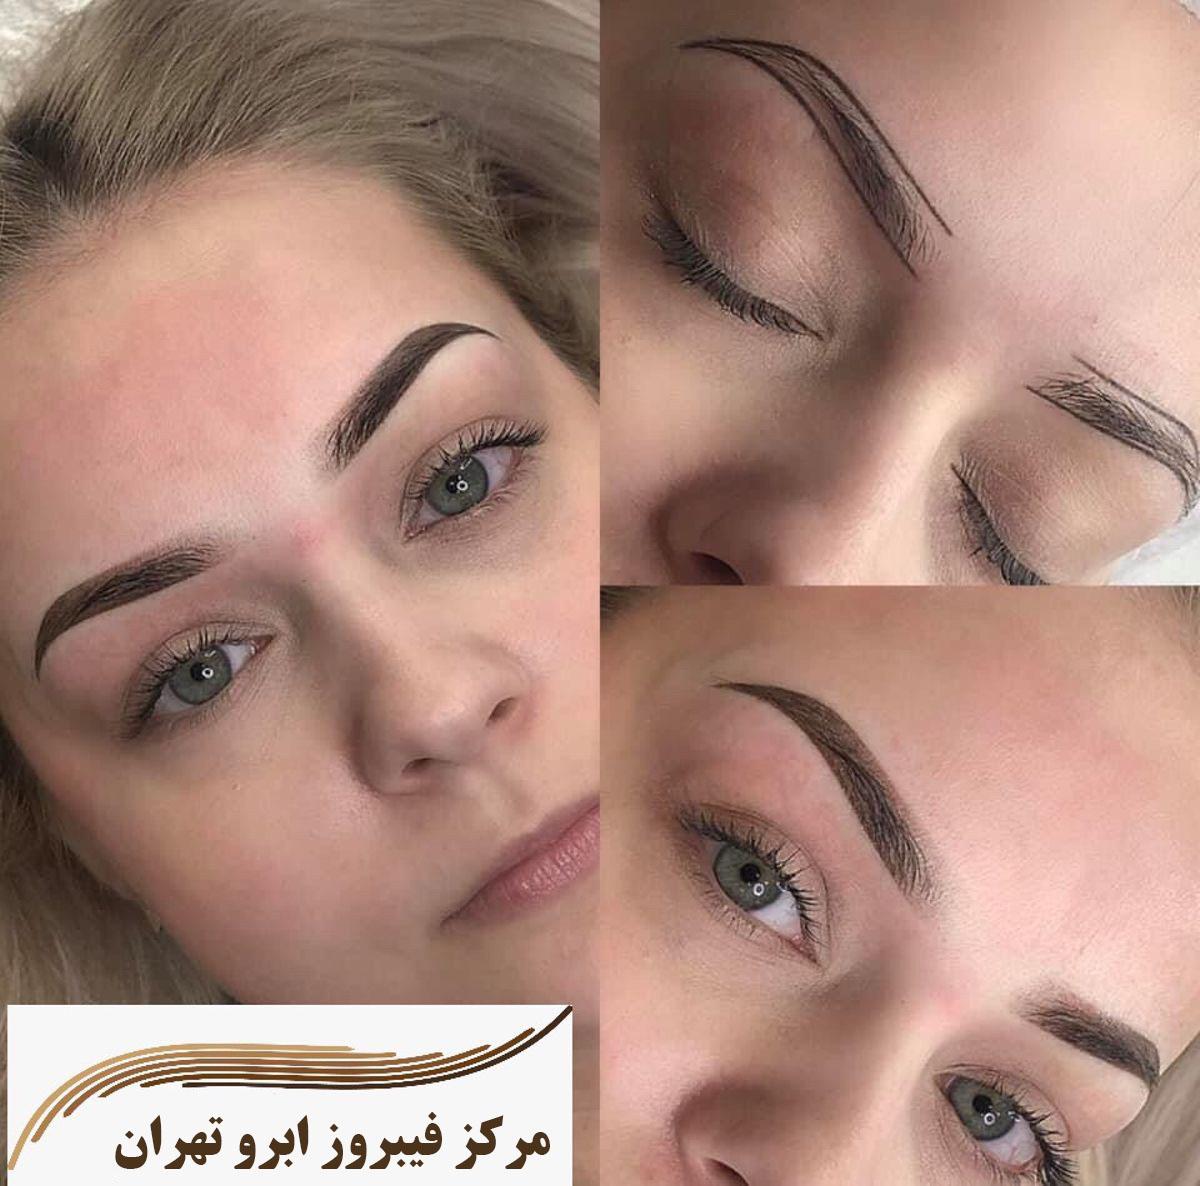 مراقبت فیبروز ابرو ، تجربه استفاده از بهترین رنگ فیبروز ابرو ، بهترین مرکز آرایش دائم ، مرکز فیبروز ابرو غرب تهران